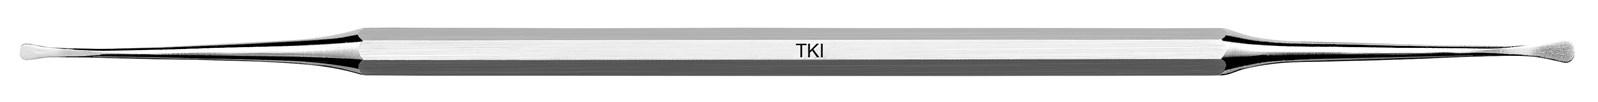 Nůž pro tunelovou techniku - TKI, ADEP červený